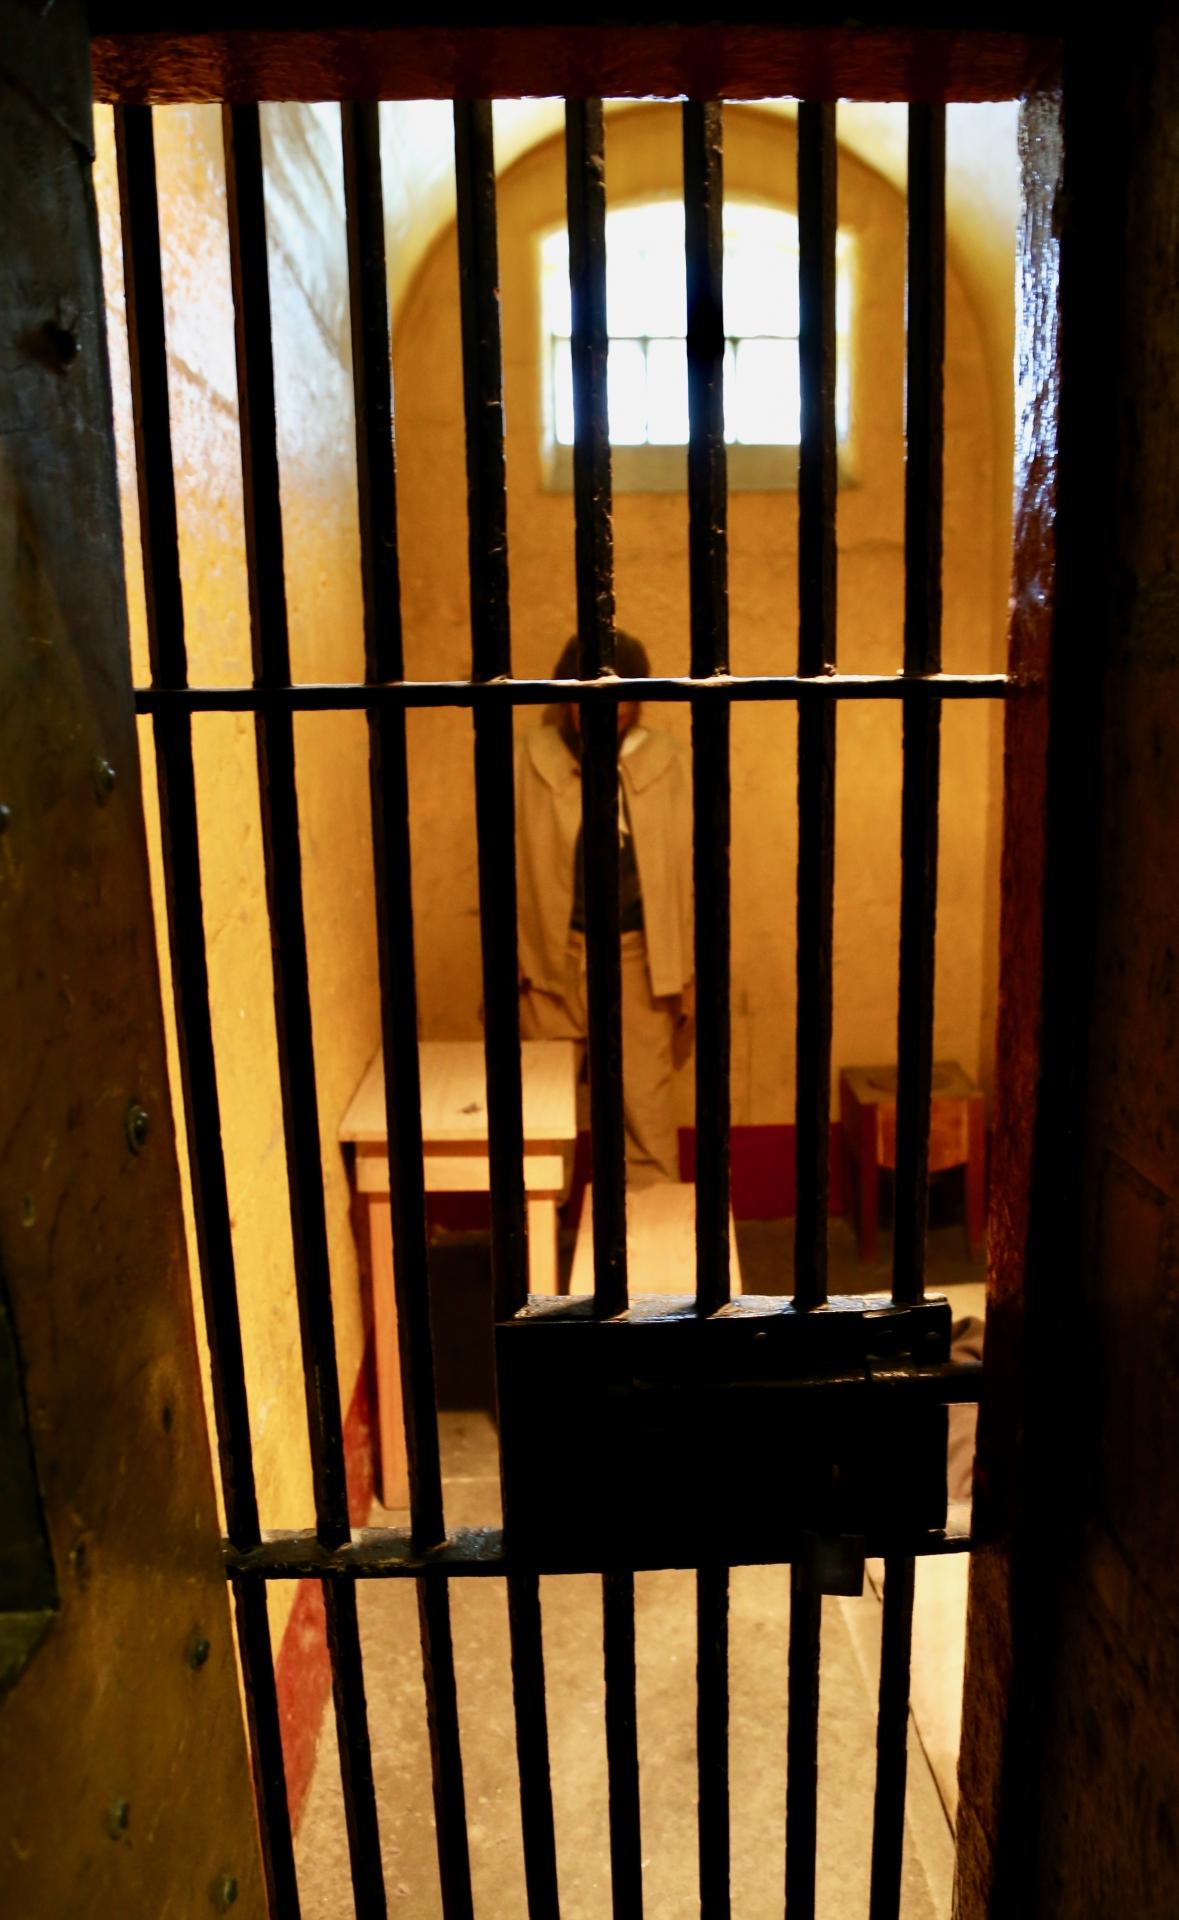 刑務官を辞めたい人が減らない理由とは?体力的にも精神的にもきつい仕事。